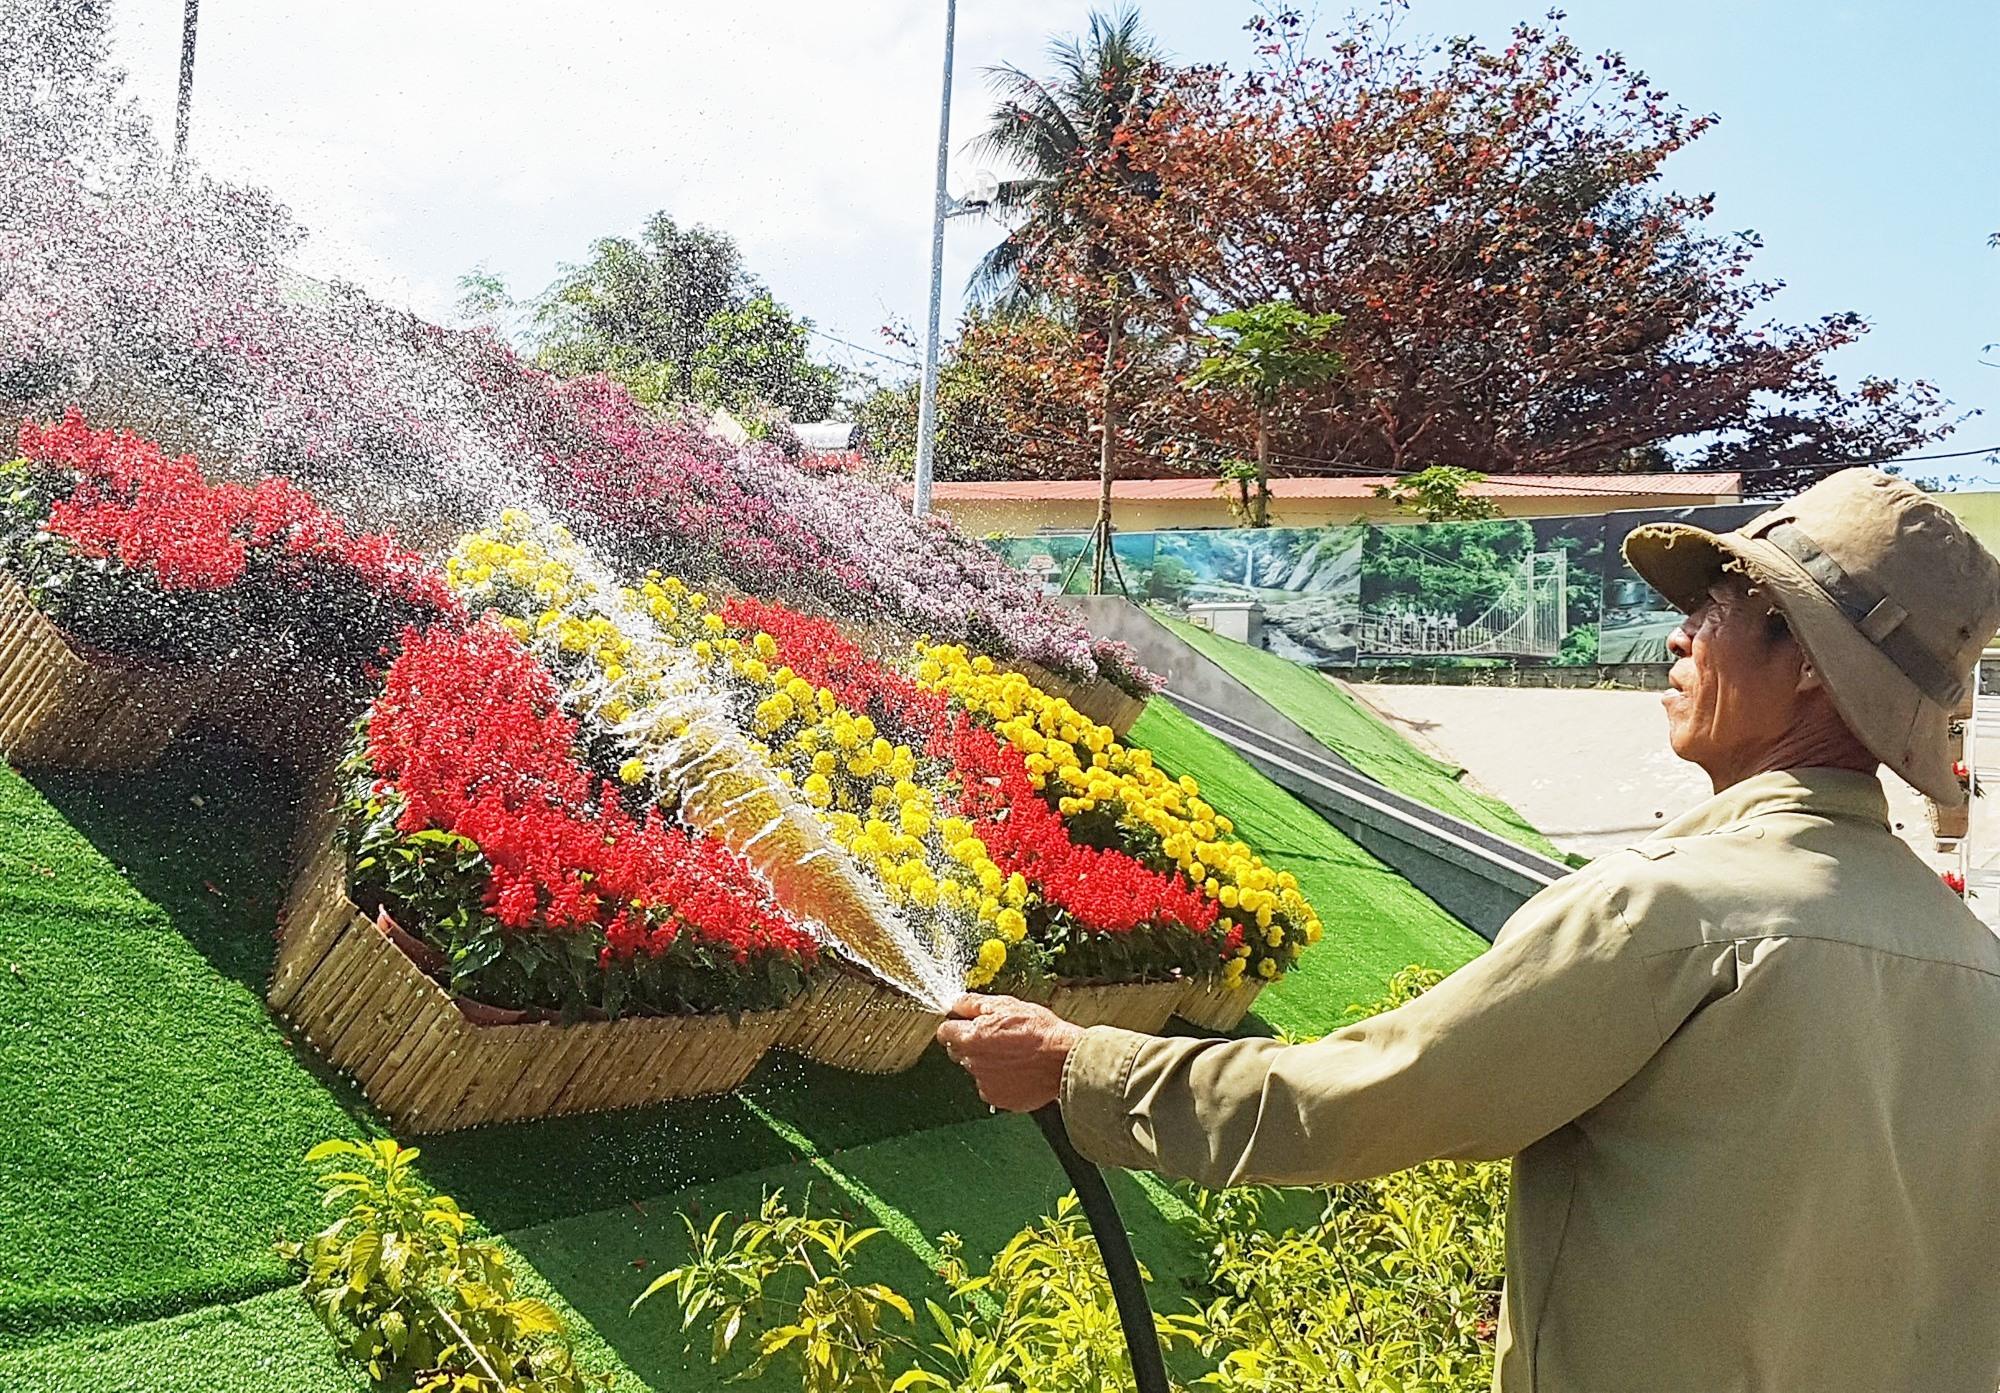 Những người công nhân đang chăm sóc cho hoa tươi sắc. Ảnh: D.L